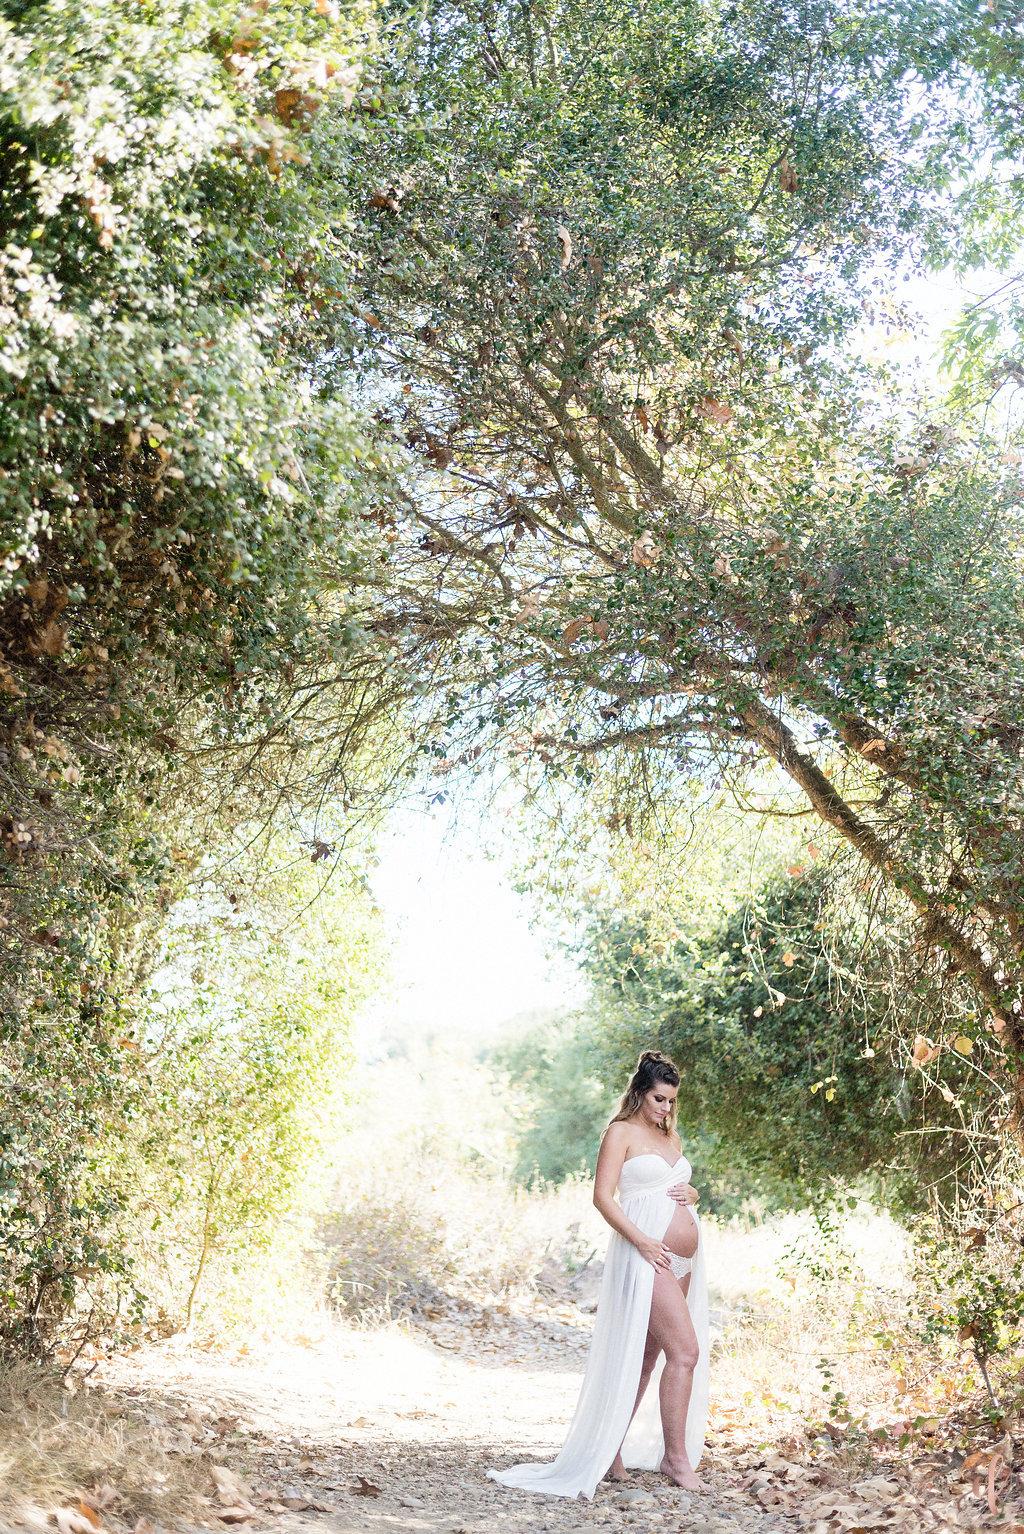 San Diego Portrait Photography | Maternity Photo Shoot | Ernie & Fiona Photography | Marian Bear Park